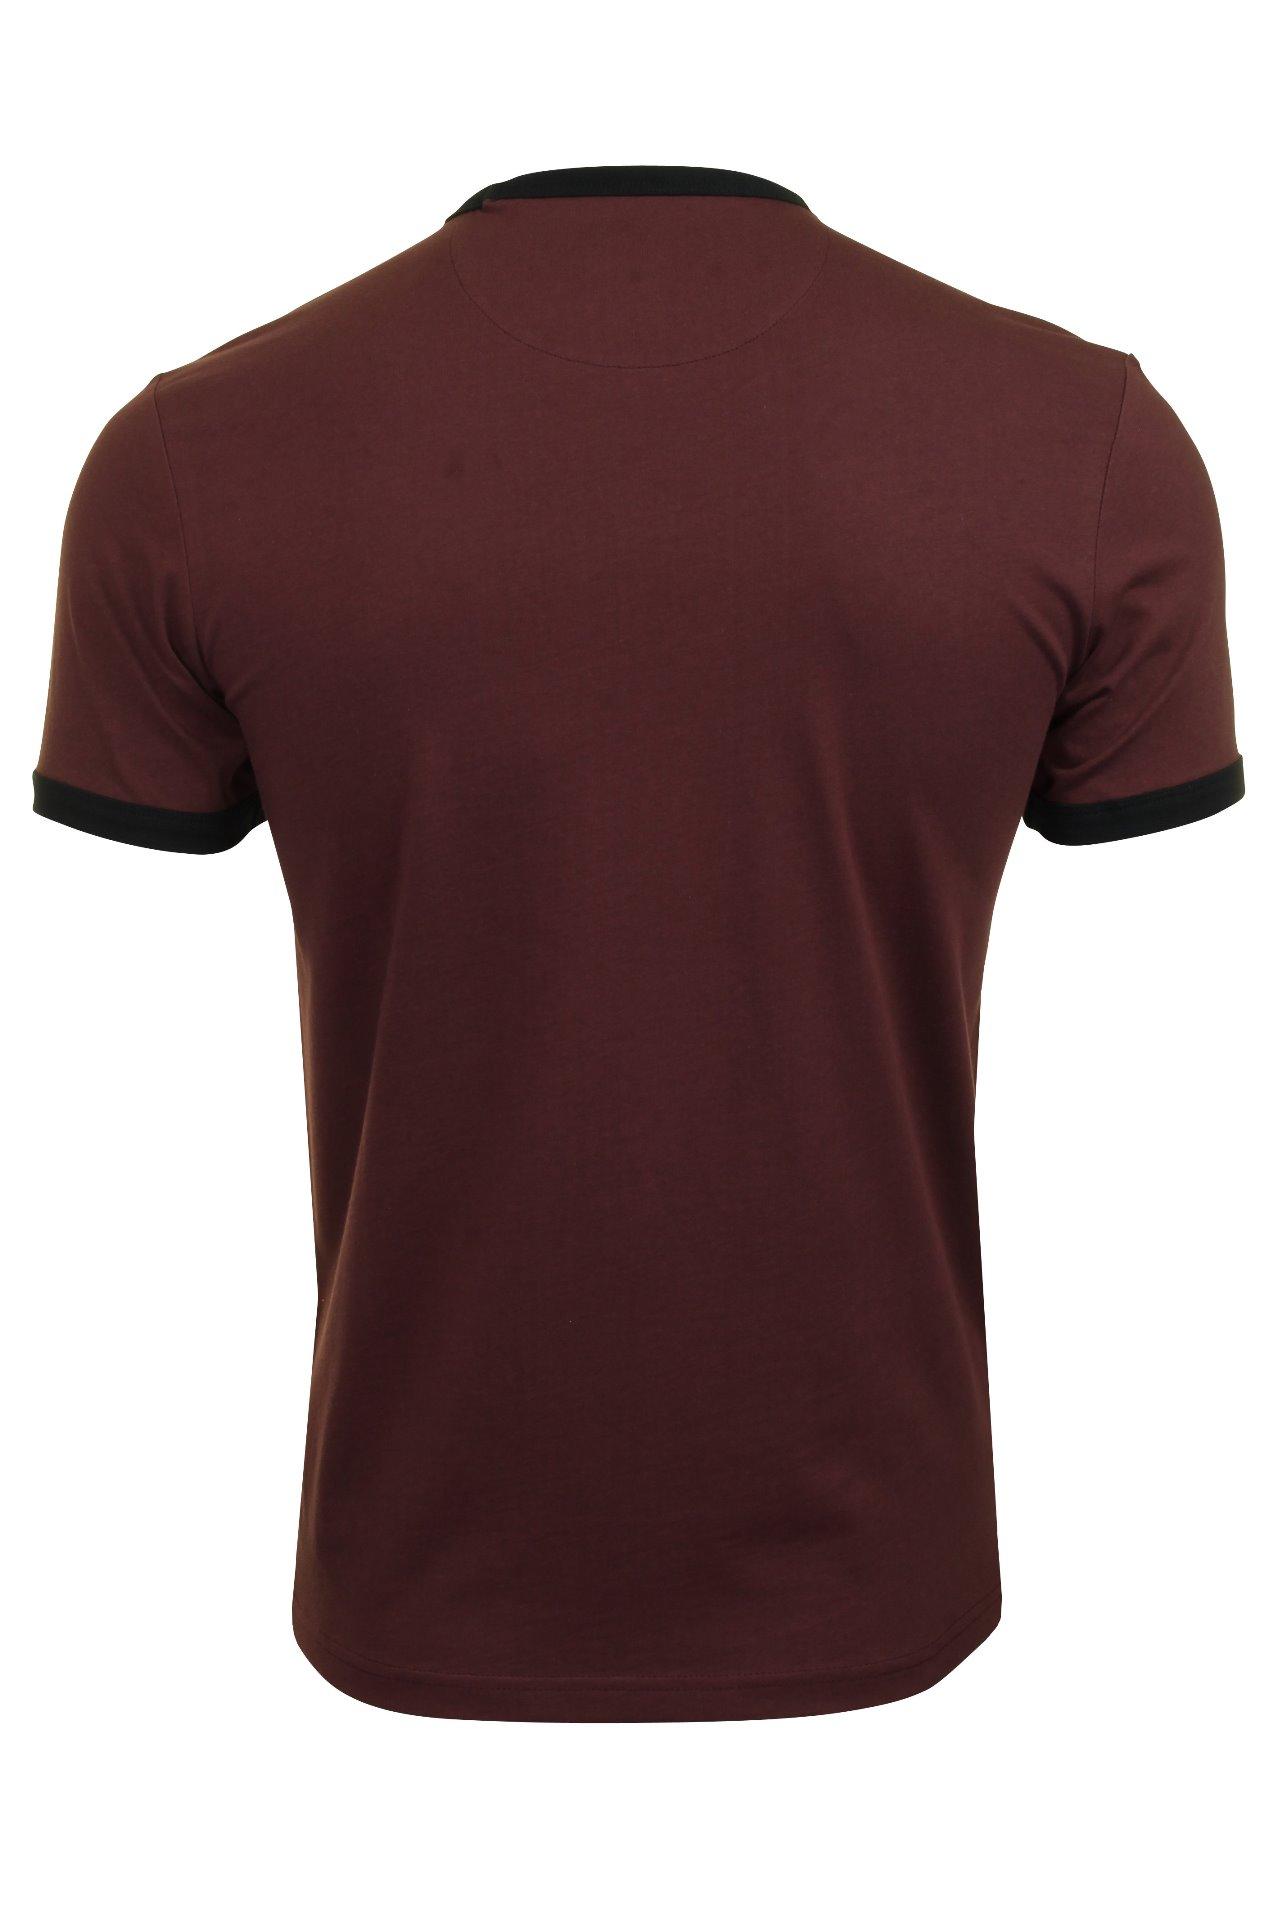 Short Sleeved Farah Mens Crew Neck T-Shirt Groves Ringer Tee